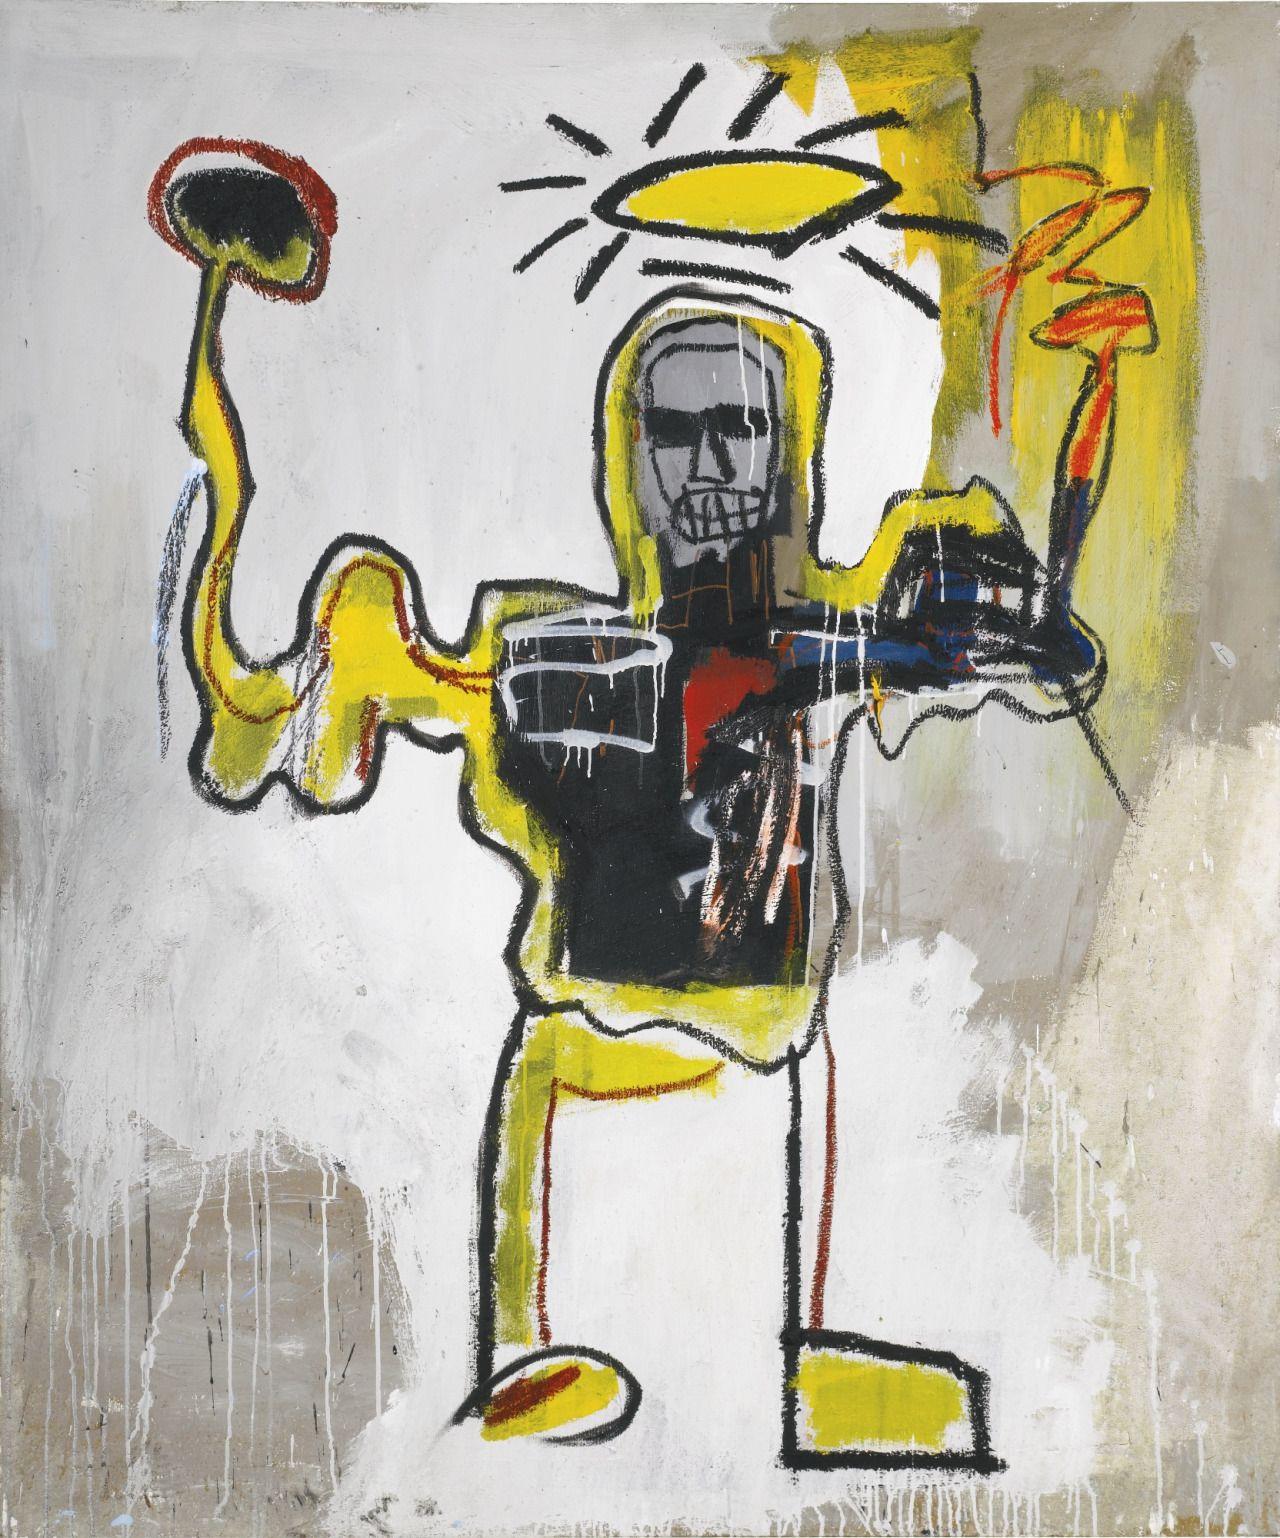 Jean-Michel Basquiat - Artist XXème - Underground Art - NeoExpressionism - Untitled (The Black Athlete), 1982.